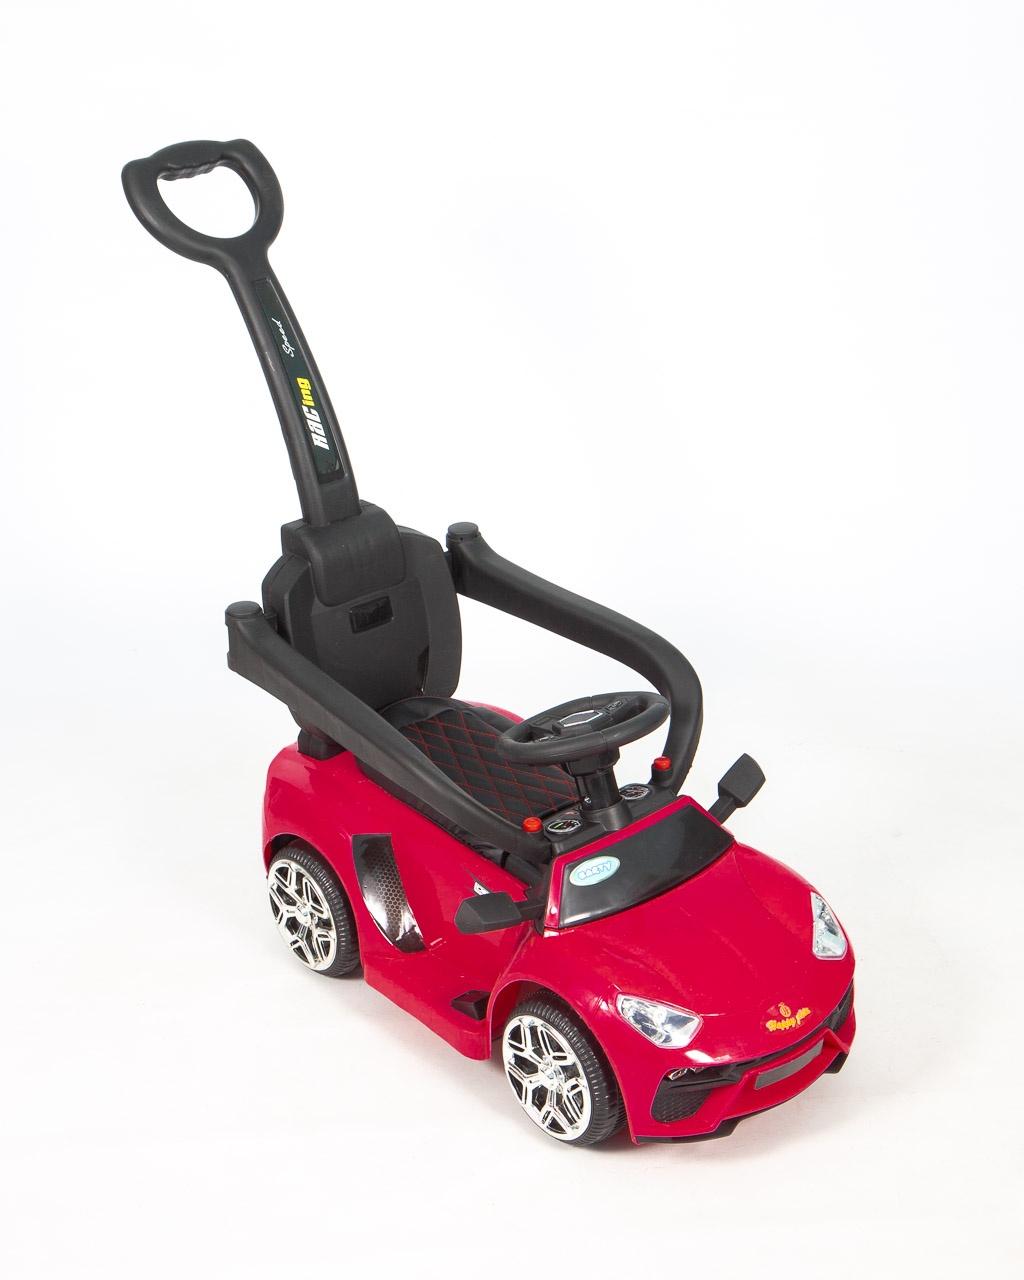 все цены на Толокар -Электромобиль- Каталка (3 в 1) BARTY Lamborghini L001 розовый онлайн